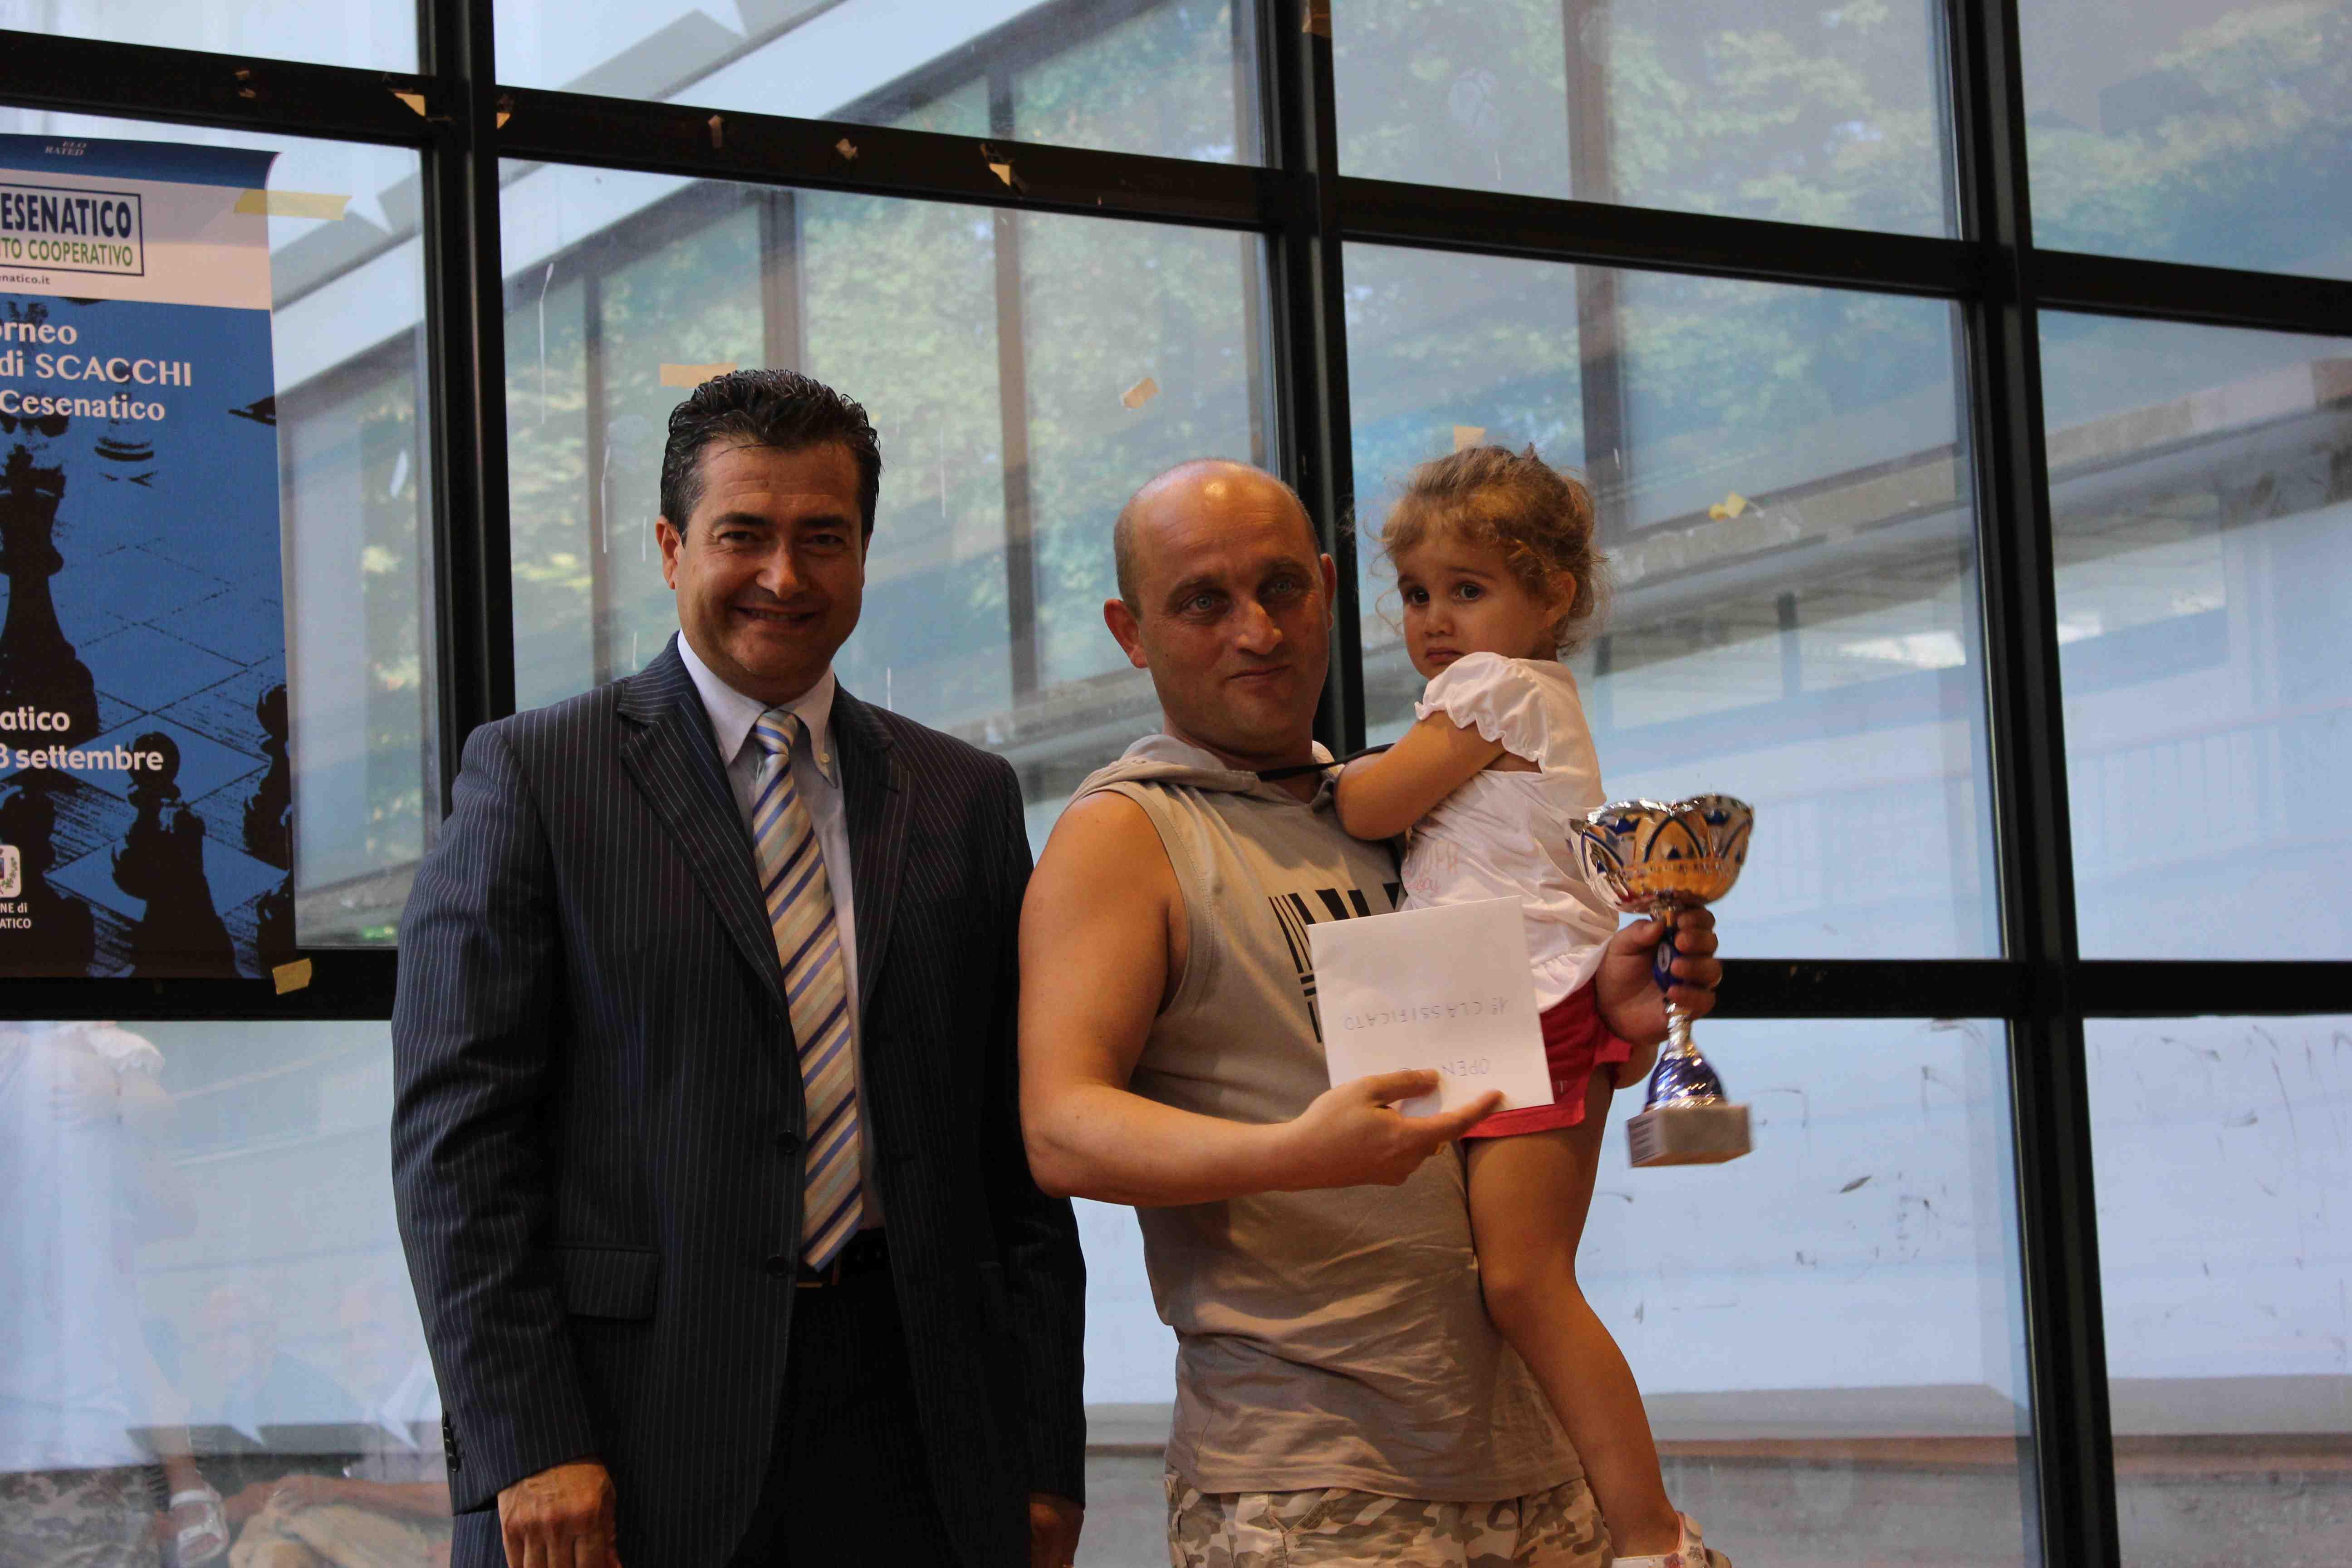 Simone Marangoni, vincitore dell'Open B, premiato. Foto SPQeR.